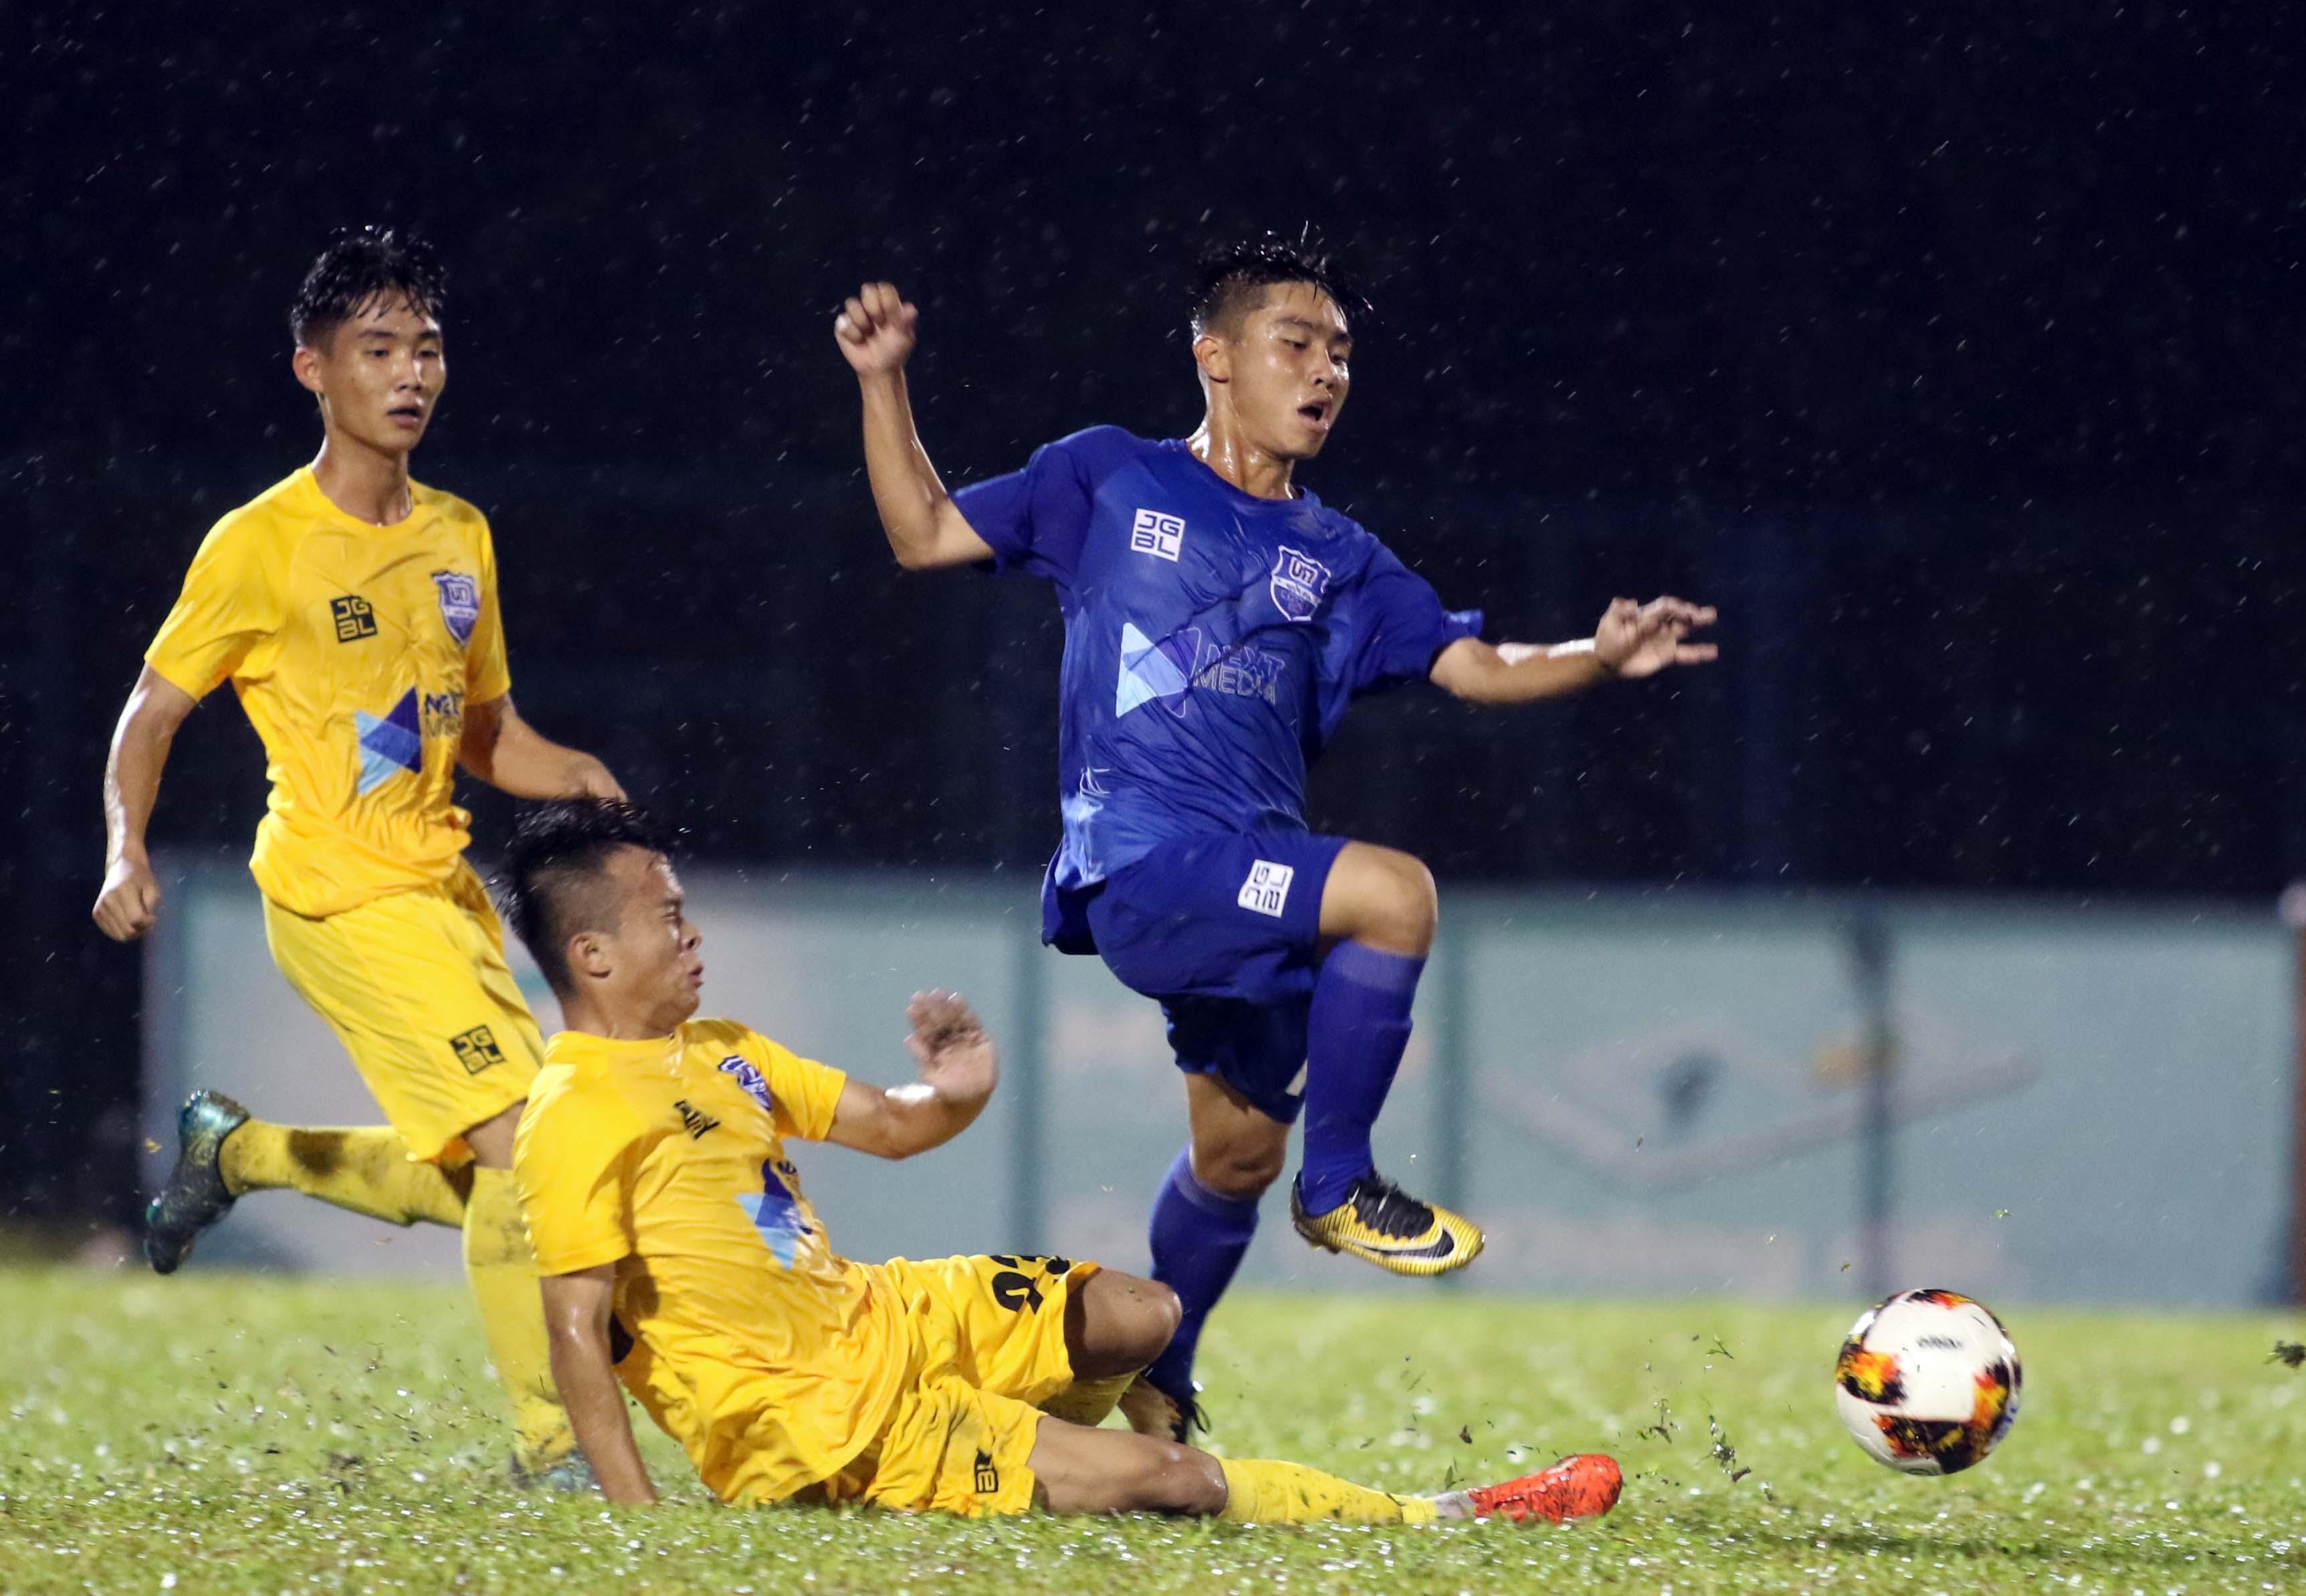 VCK Giải vô địch U17 QG- Next Media 2019: Thanh Hóa và B.Bình Dương bất phân thắng bại